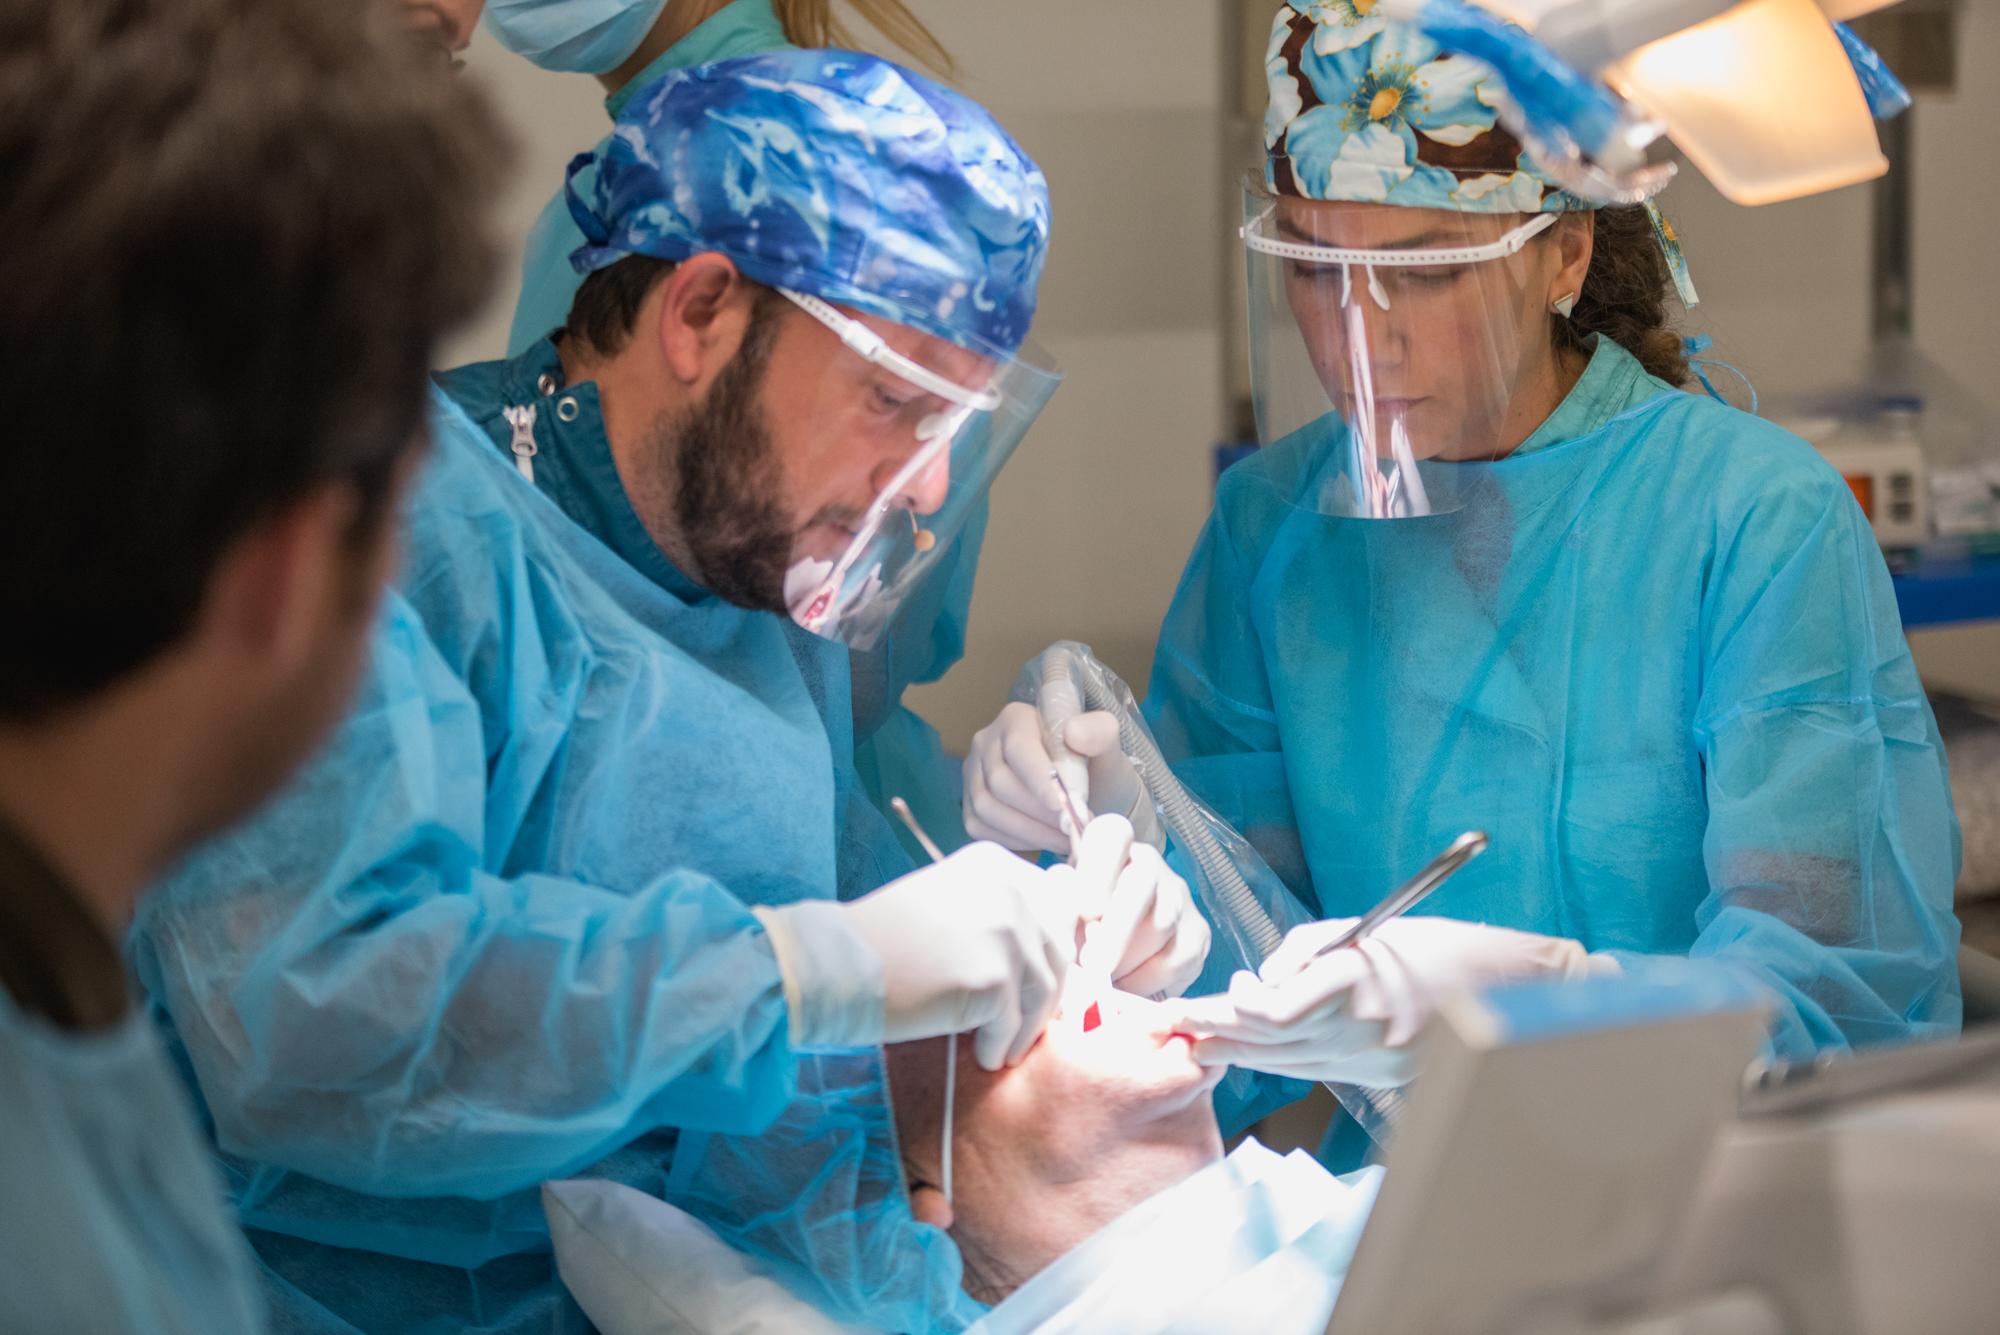 El Dr. Pablo Avilés en una cirugía en directo con los alumnos